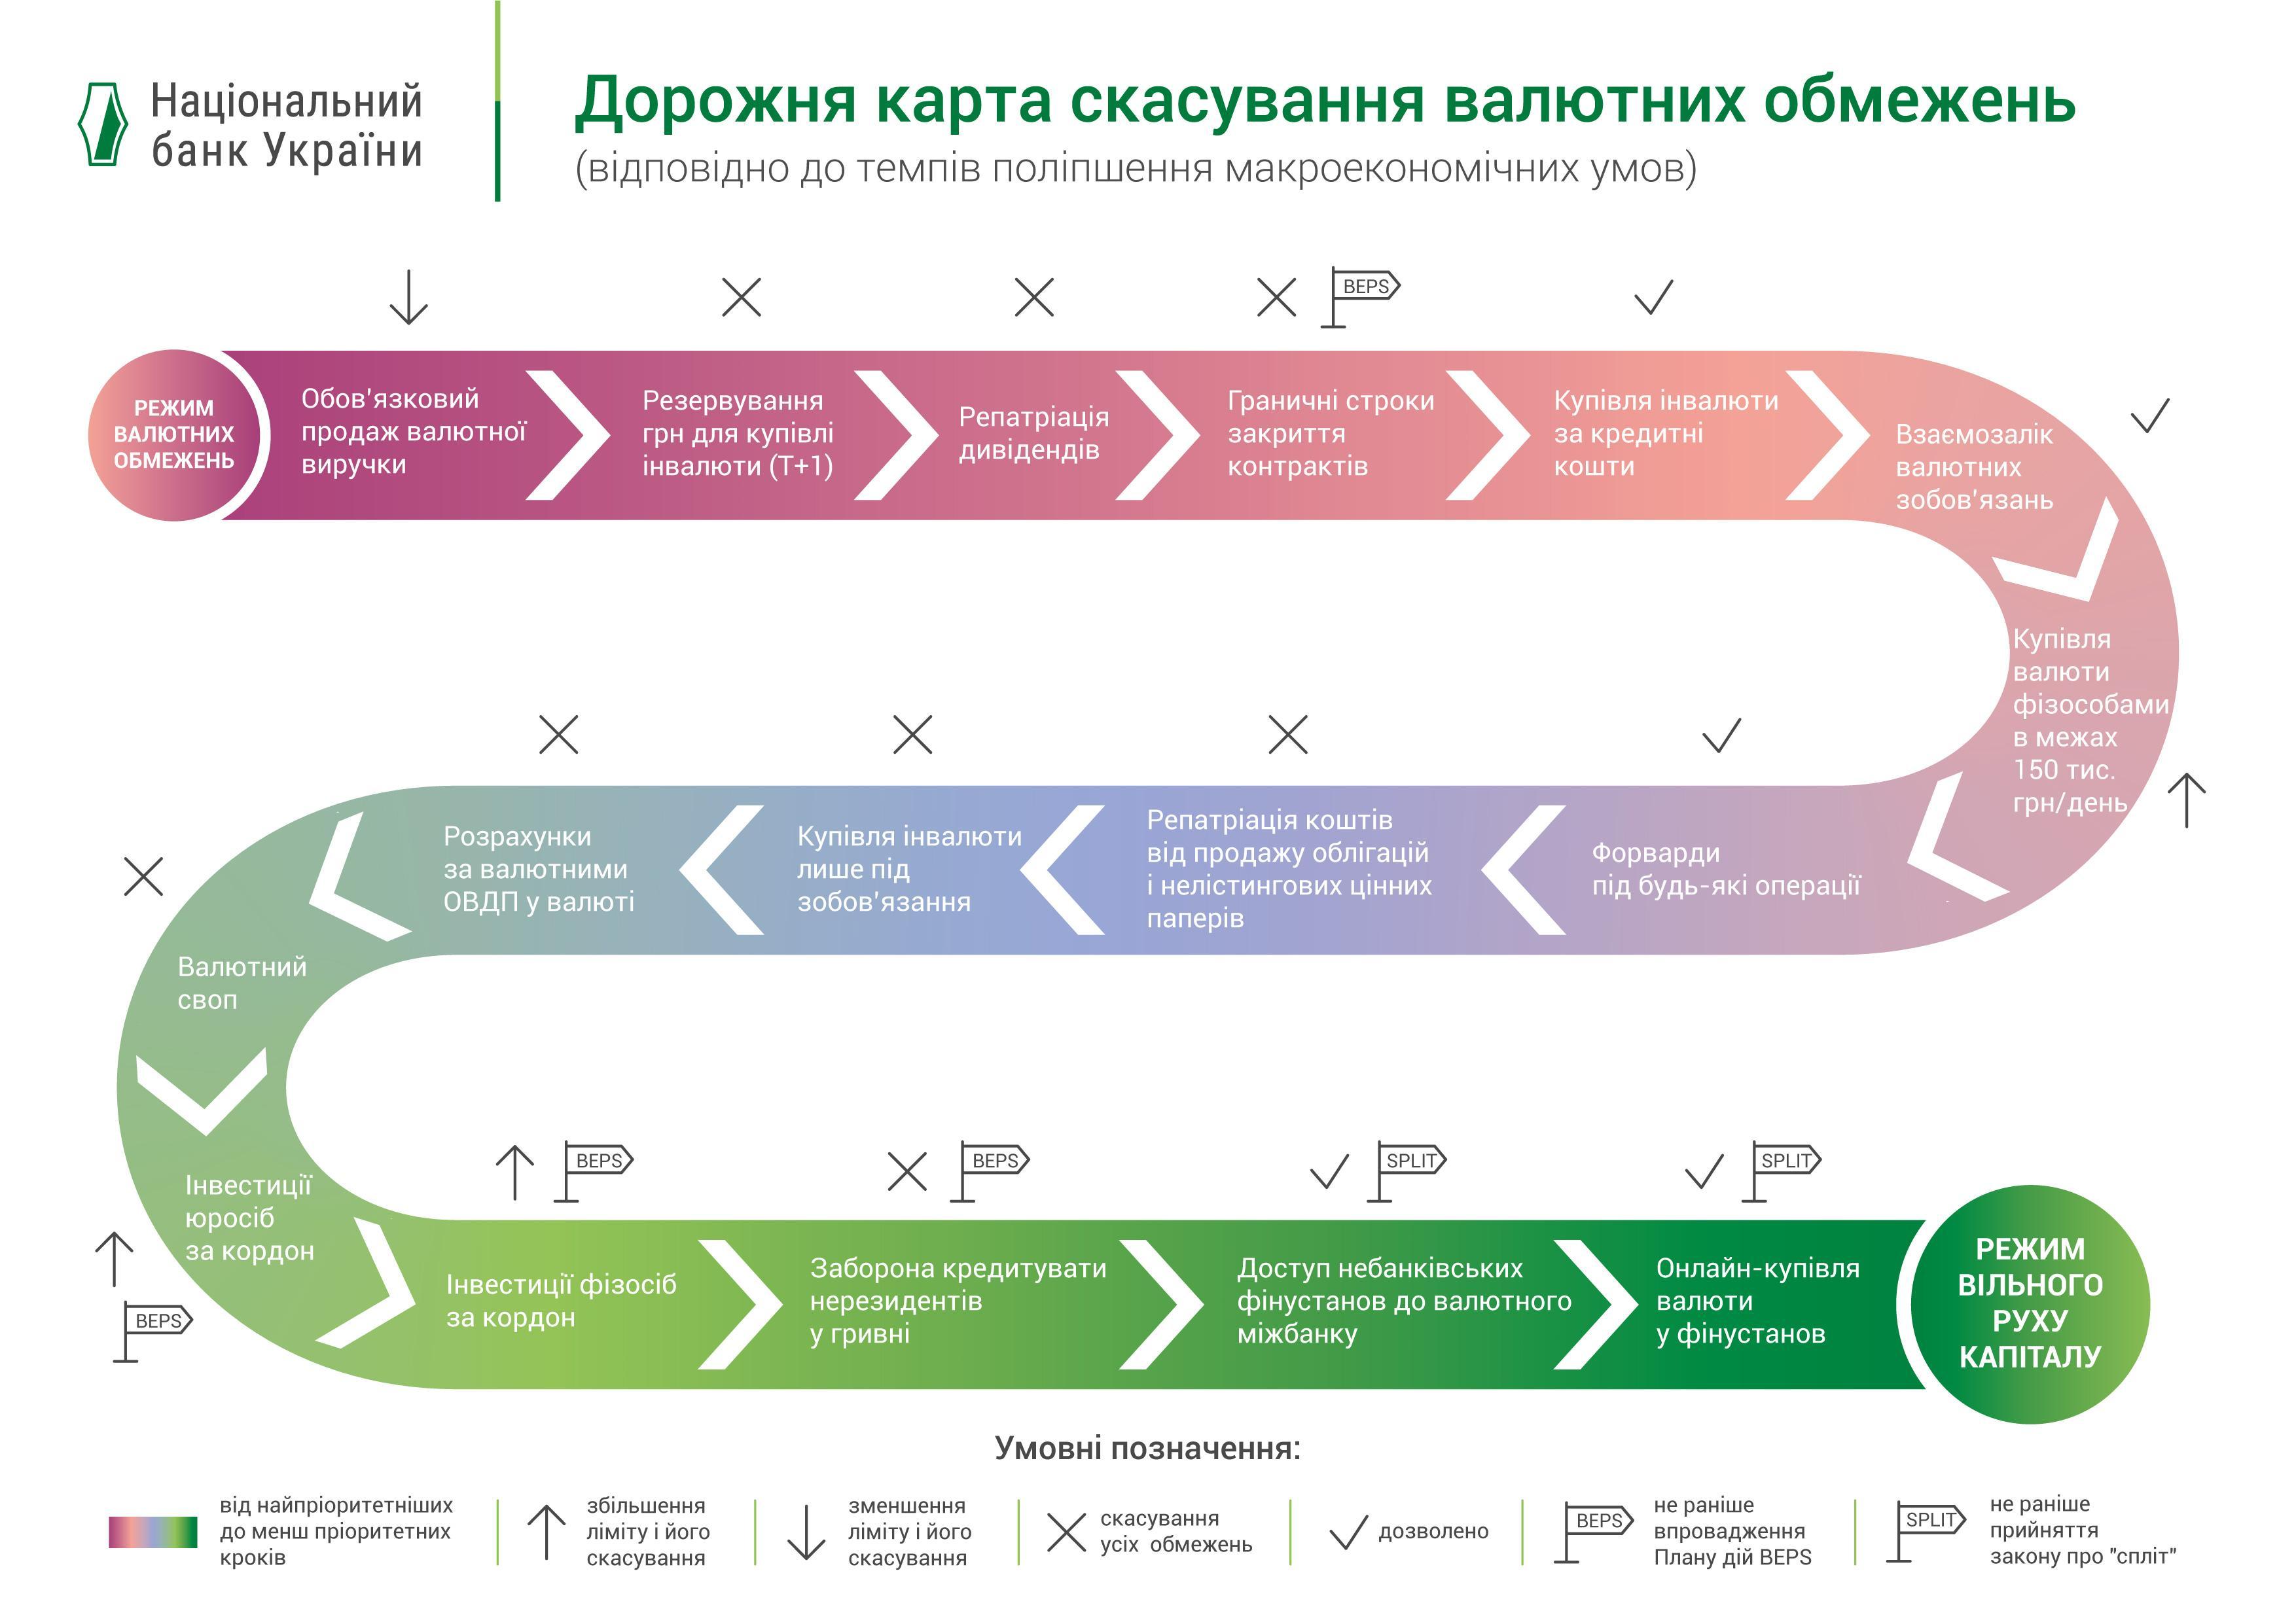 Купить валюту онлайн, на почте или в терминале и приобрести акции Apple. Что изменит в жизни украинцев закон о валюте